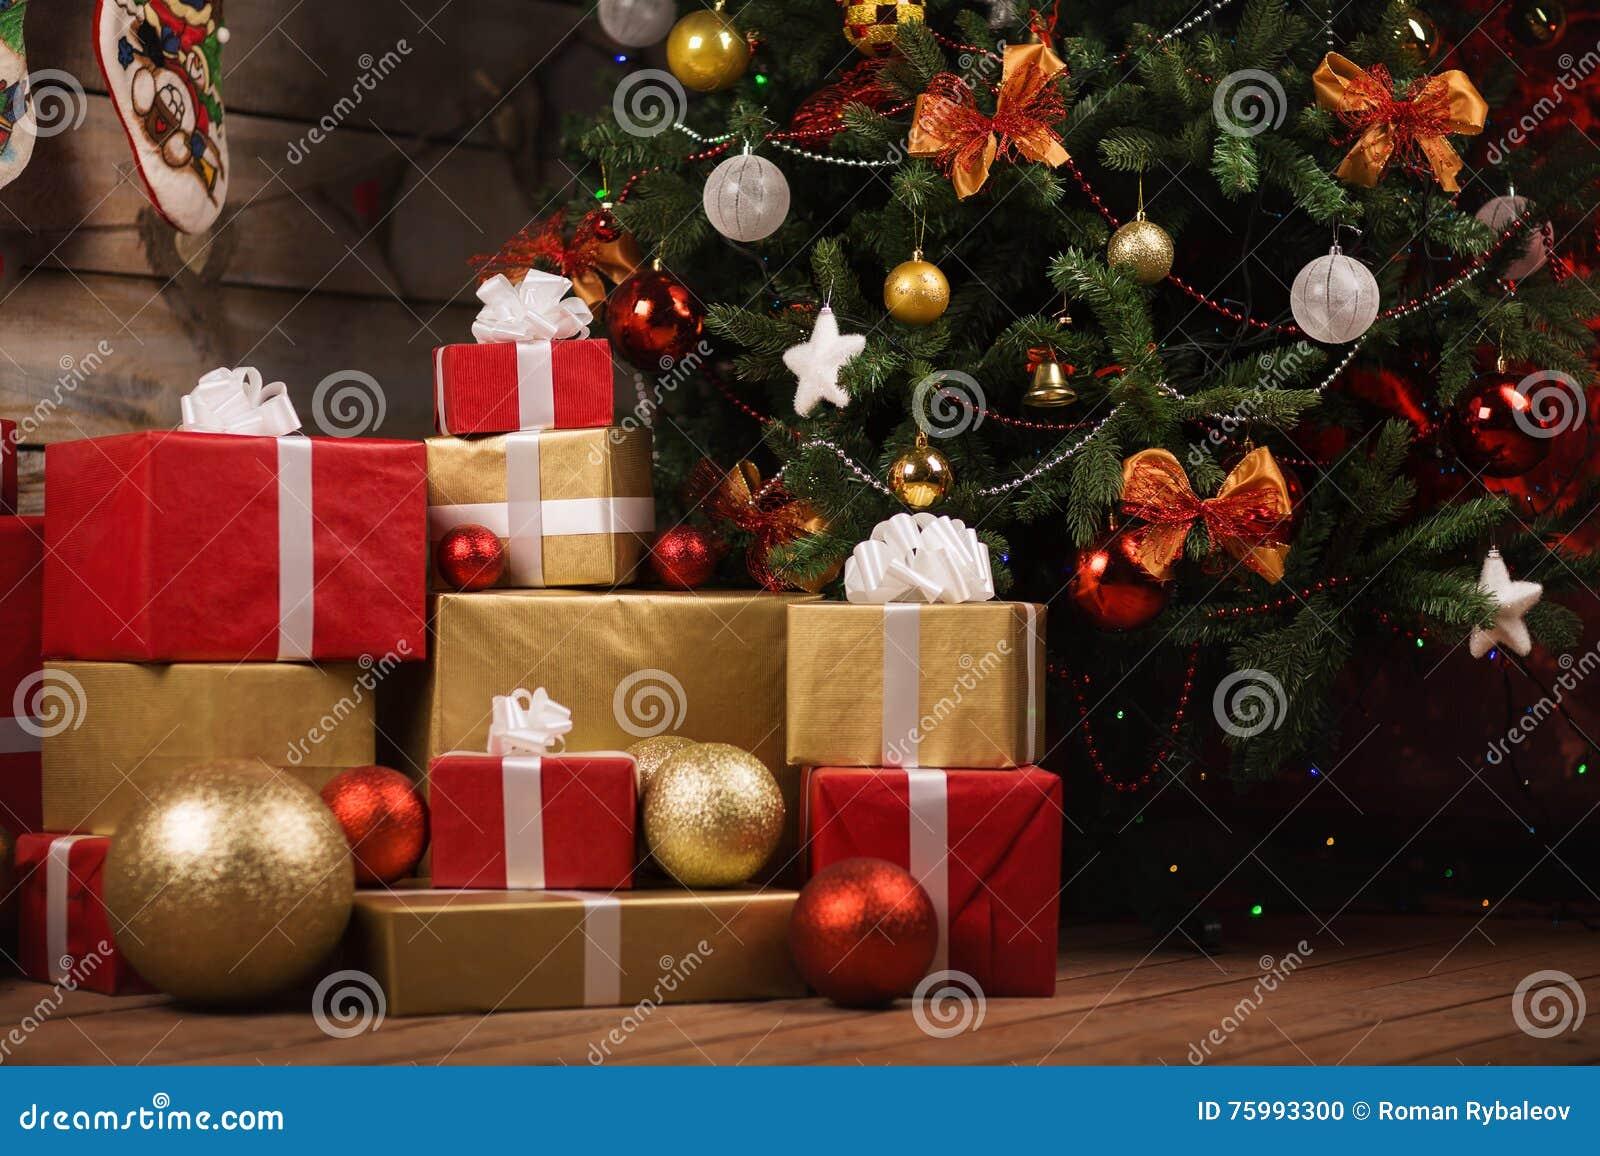 Albero Di Natale Regali.Contenitori E Palle Di Regalo Sotto L Albero Di Natale Fotografia Stock Immagine Di Casella Partito 75993300